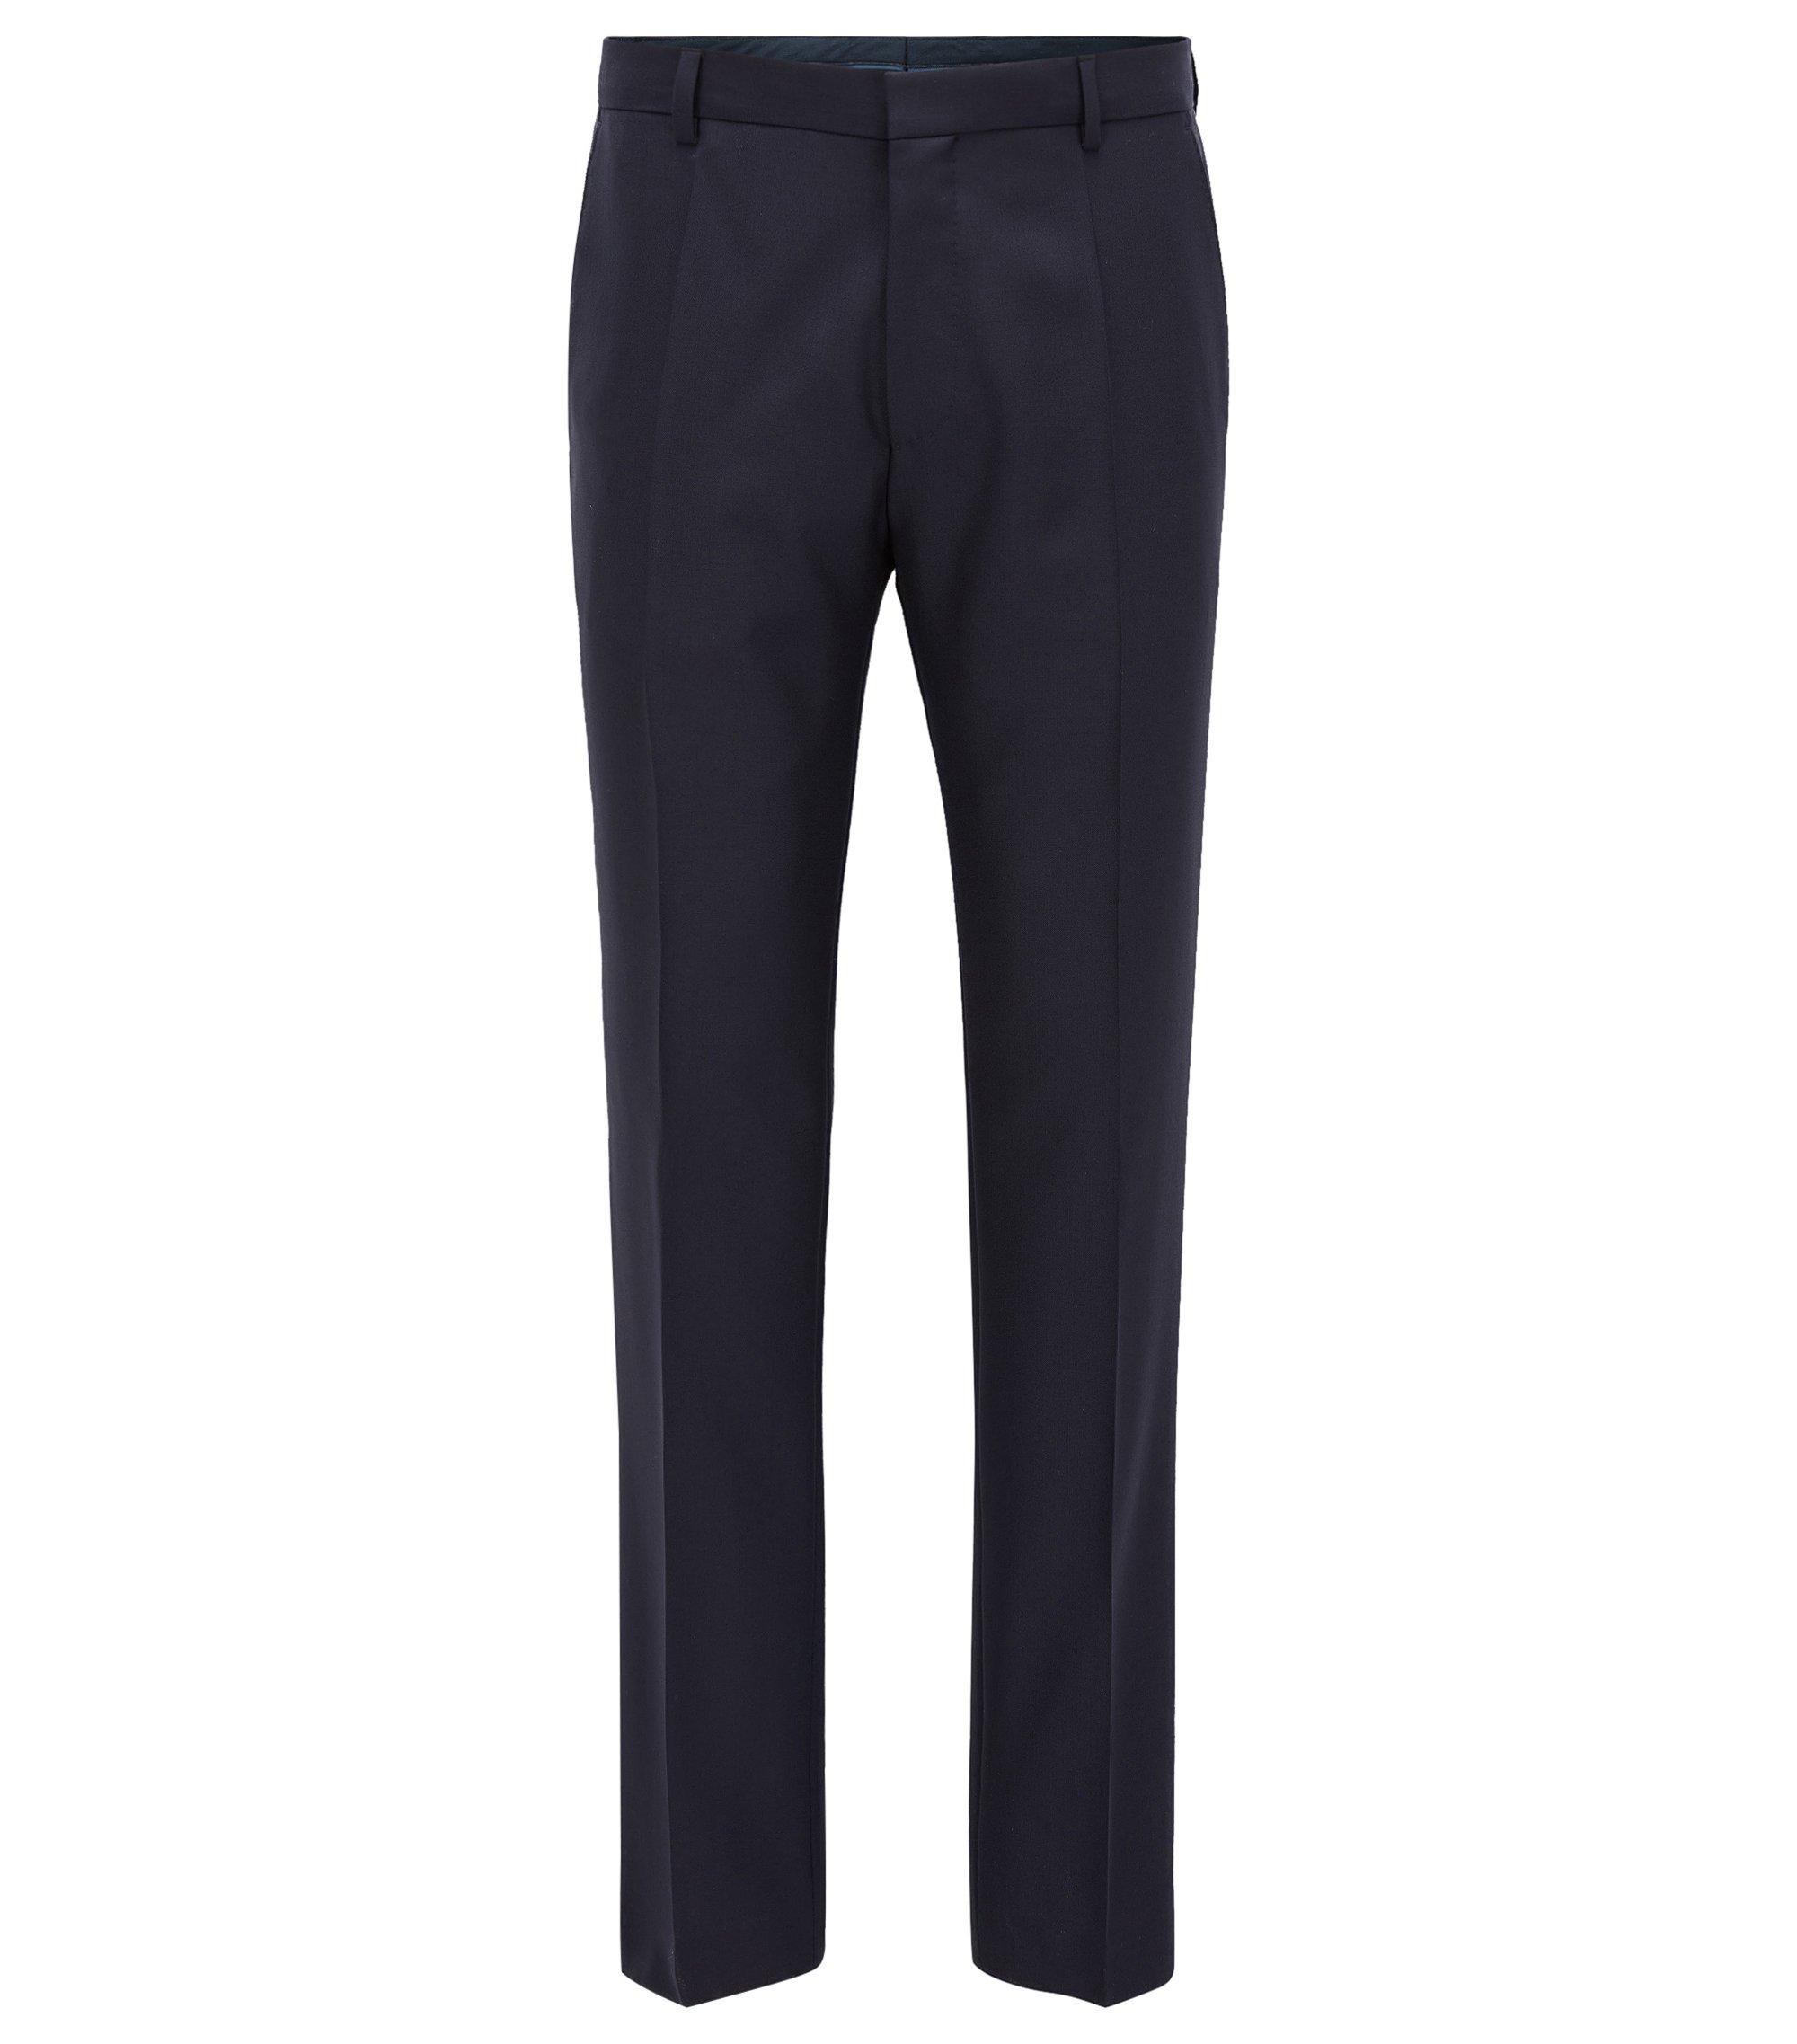 Pantaloni Travel Line slim fit in lana con dettagli innovativi, Blu scuro